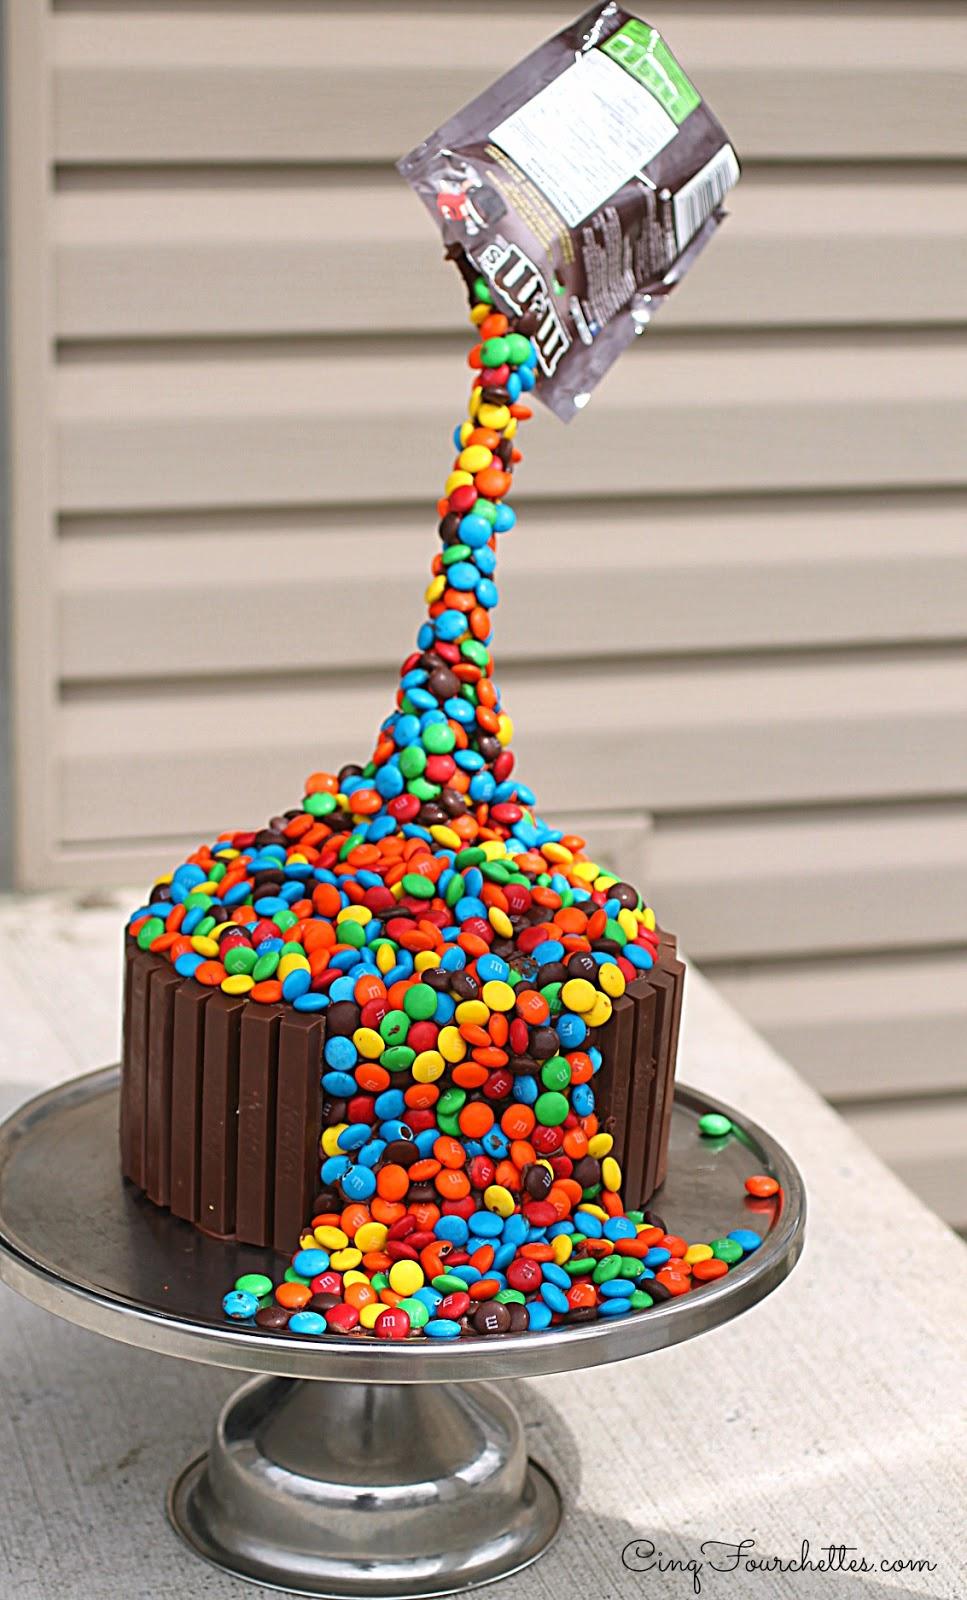 mes trucs pour r ussir un gravity cake 10 id es pour s 39 inspirer cinq fourchettes. Black Bedroom Furniture Sets. Home Design Ideas